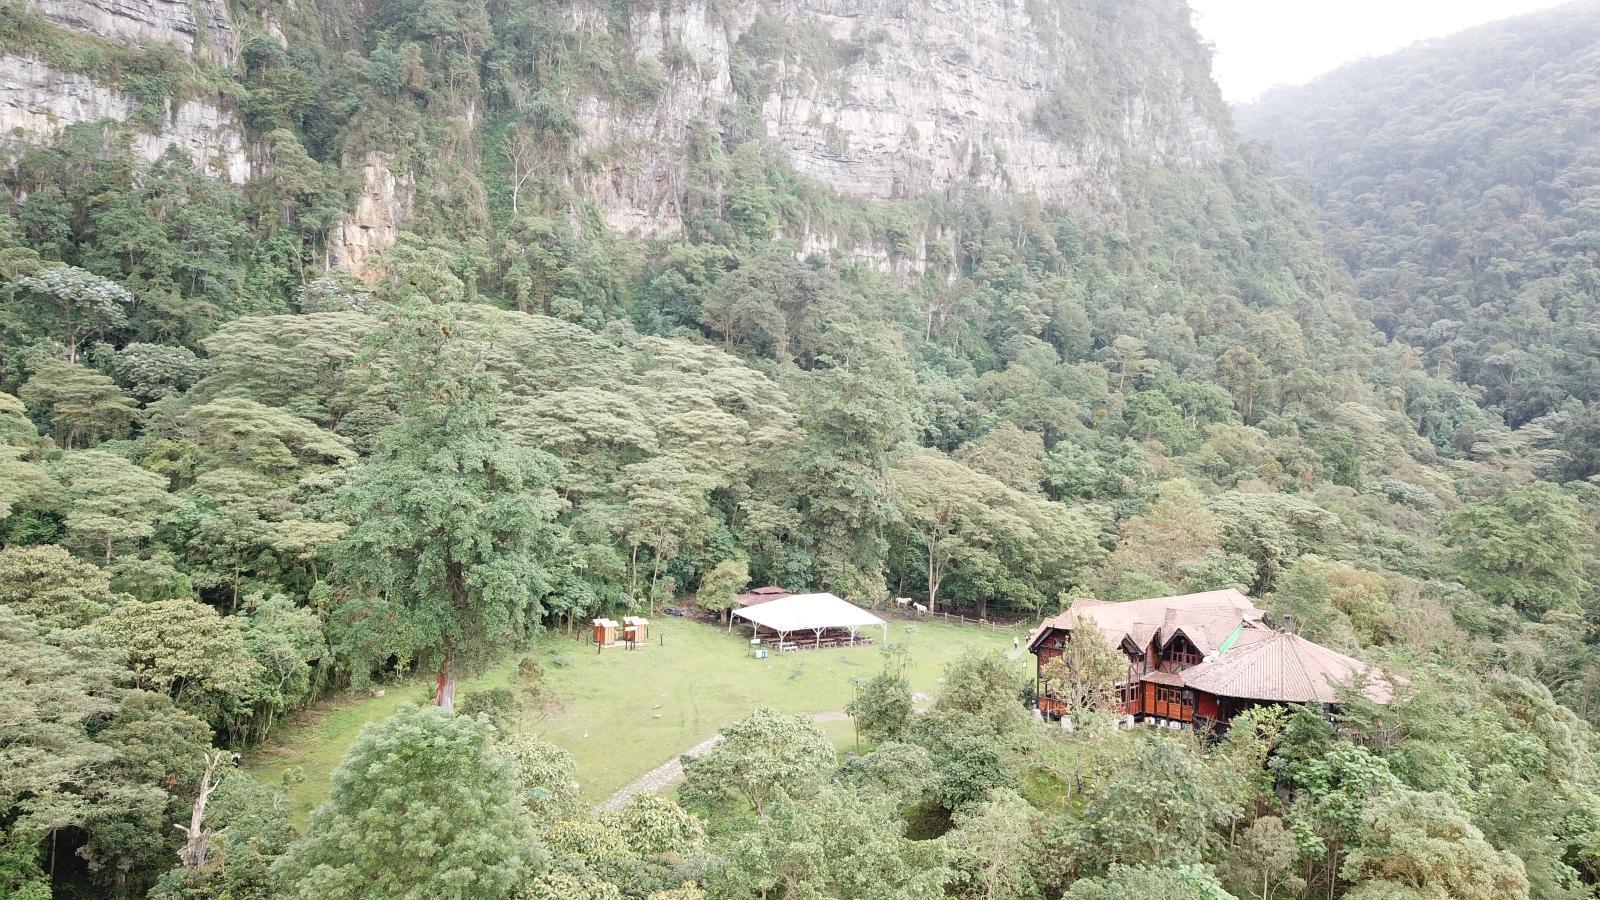 SOS: Parque Chicaque busca manos amigas para sembrar más de 1.000 árboles nativos